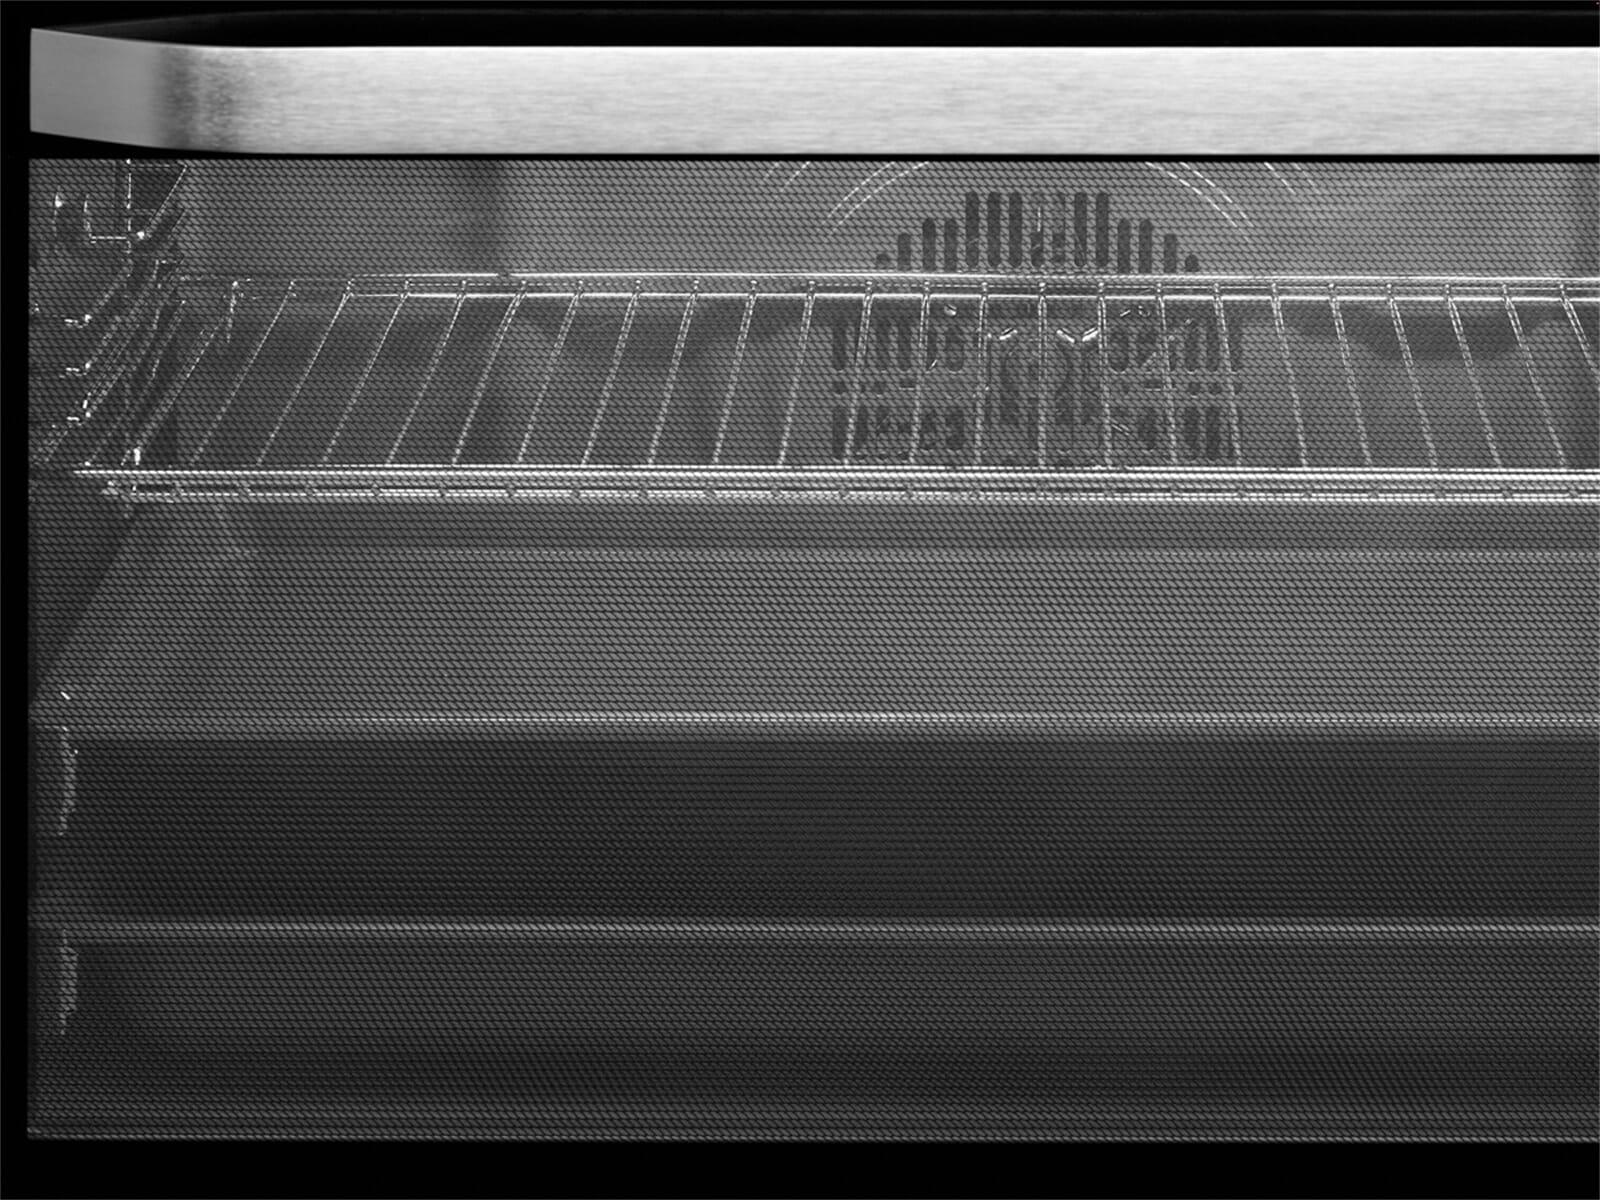 Teka HL 940 Maxi-Backofen Edelstahl